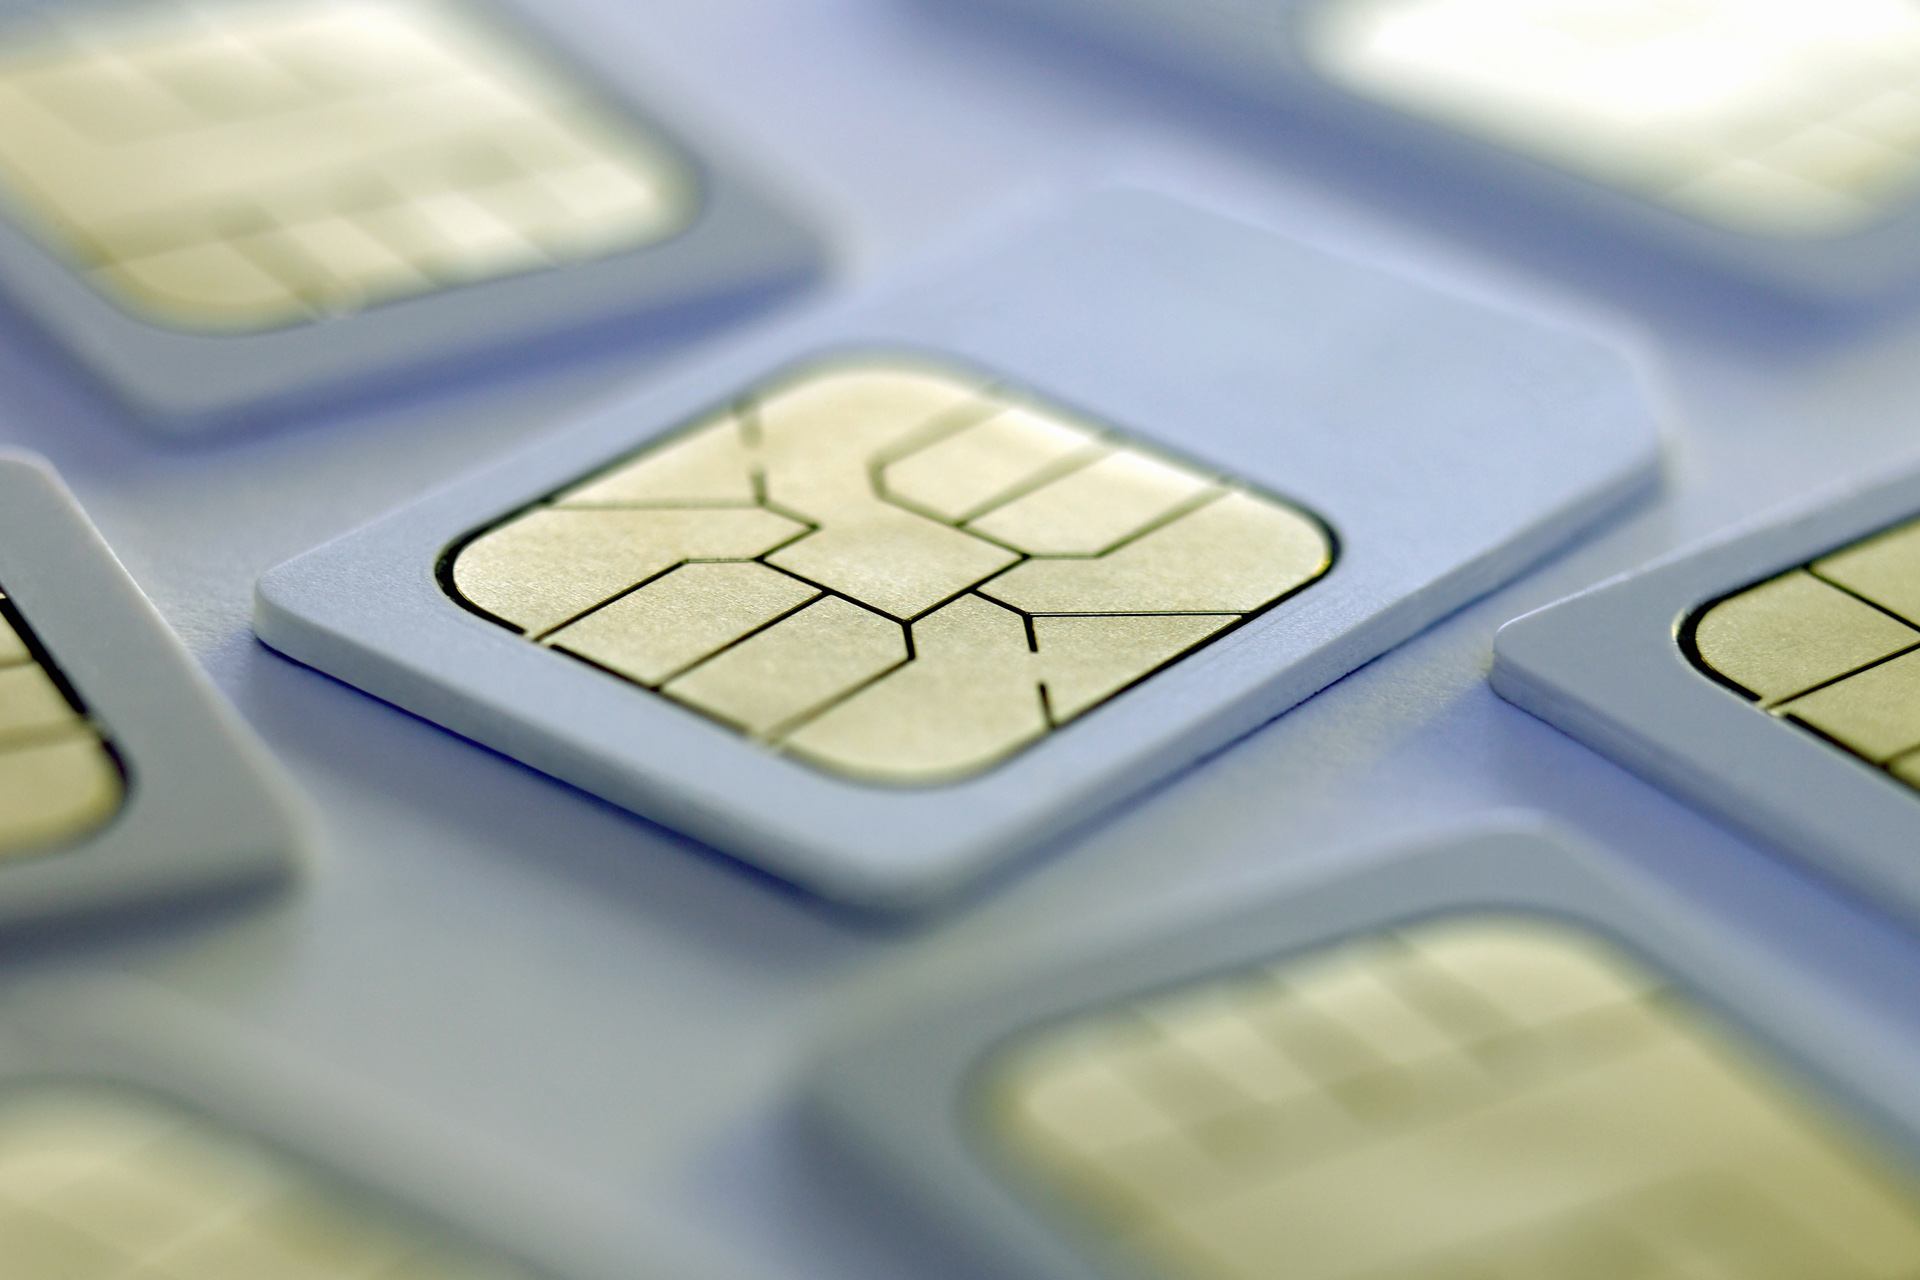 Телефоны без SIM-карты — реальность или утопия?